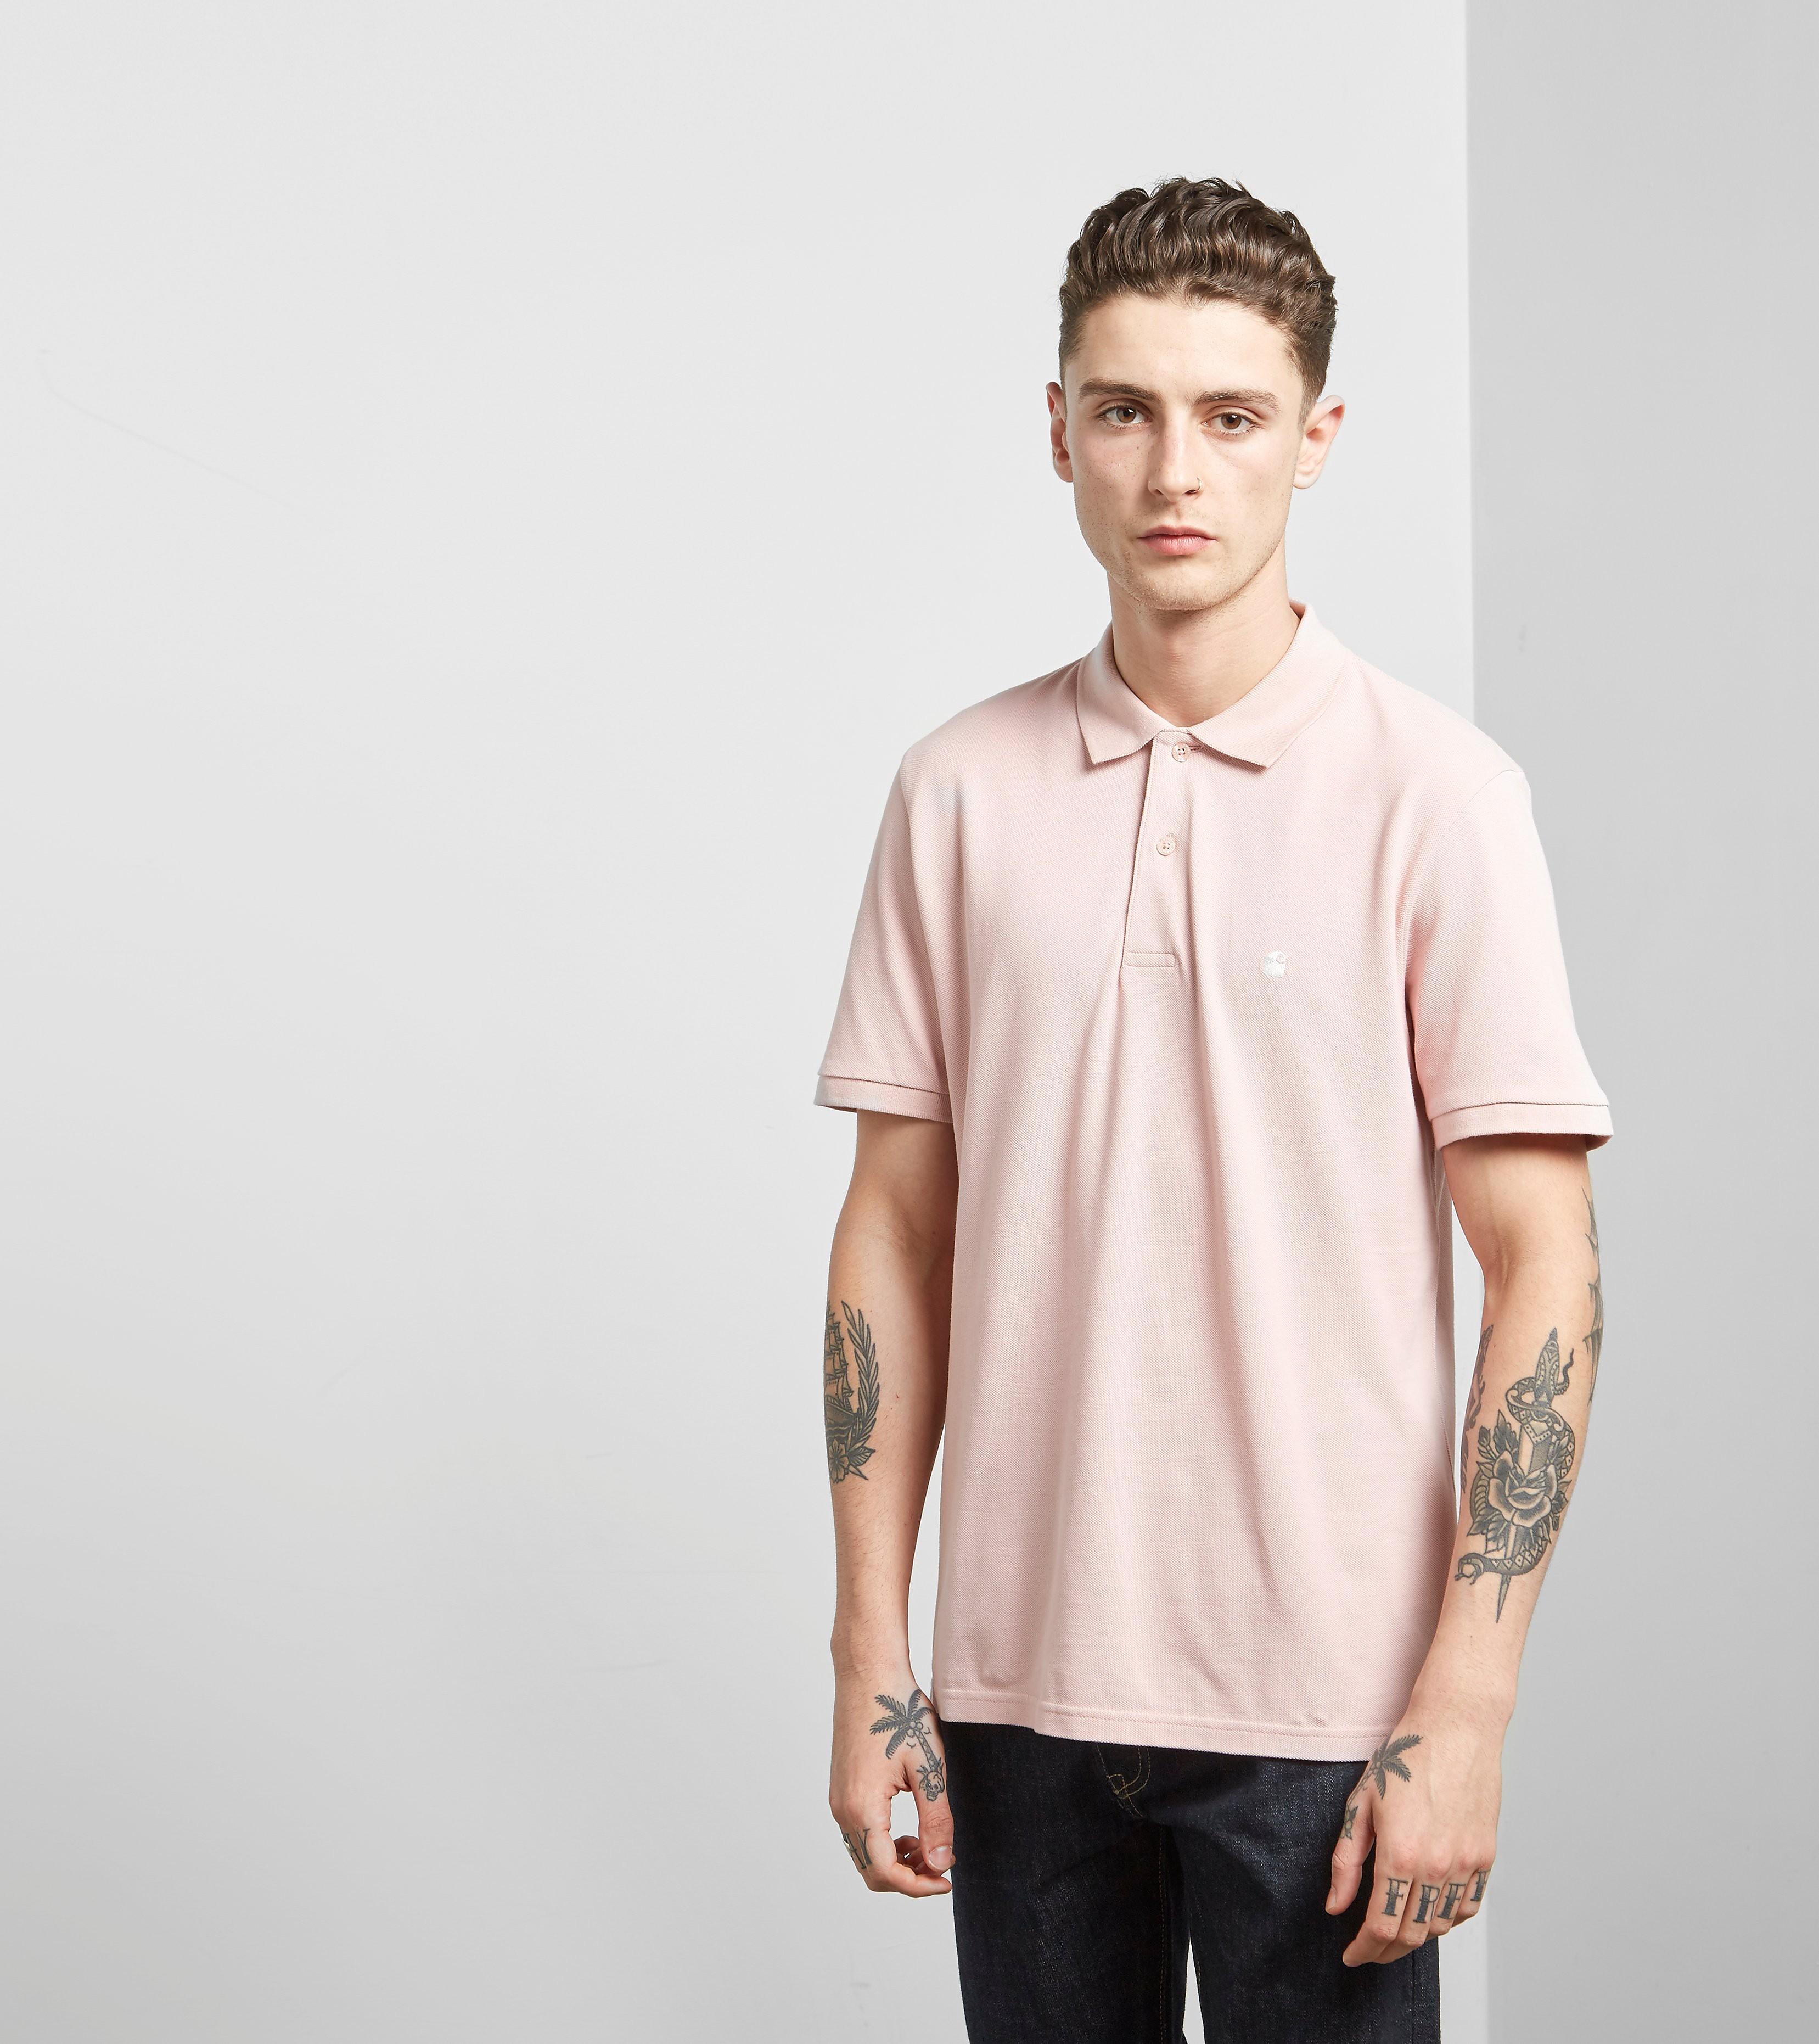 Carhartt WIP Polo Shirt